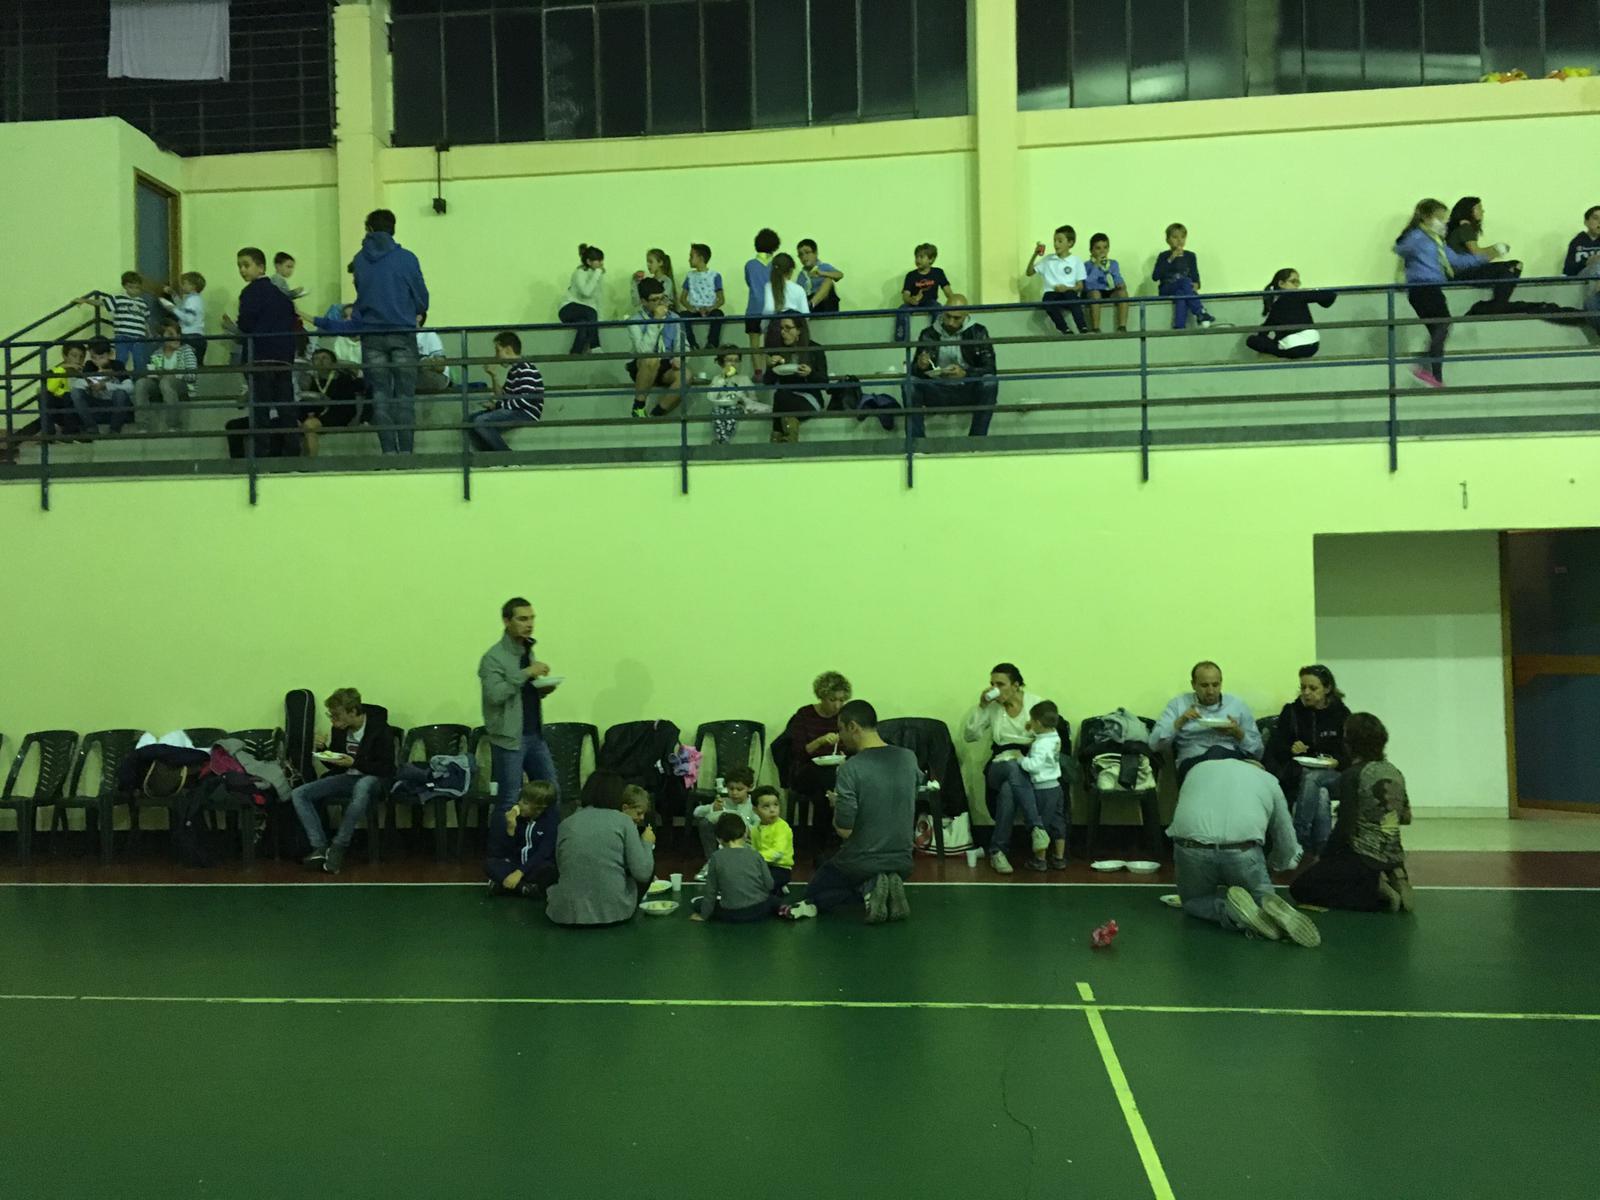 Apertura Catechismo Giochi3 (1)